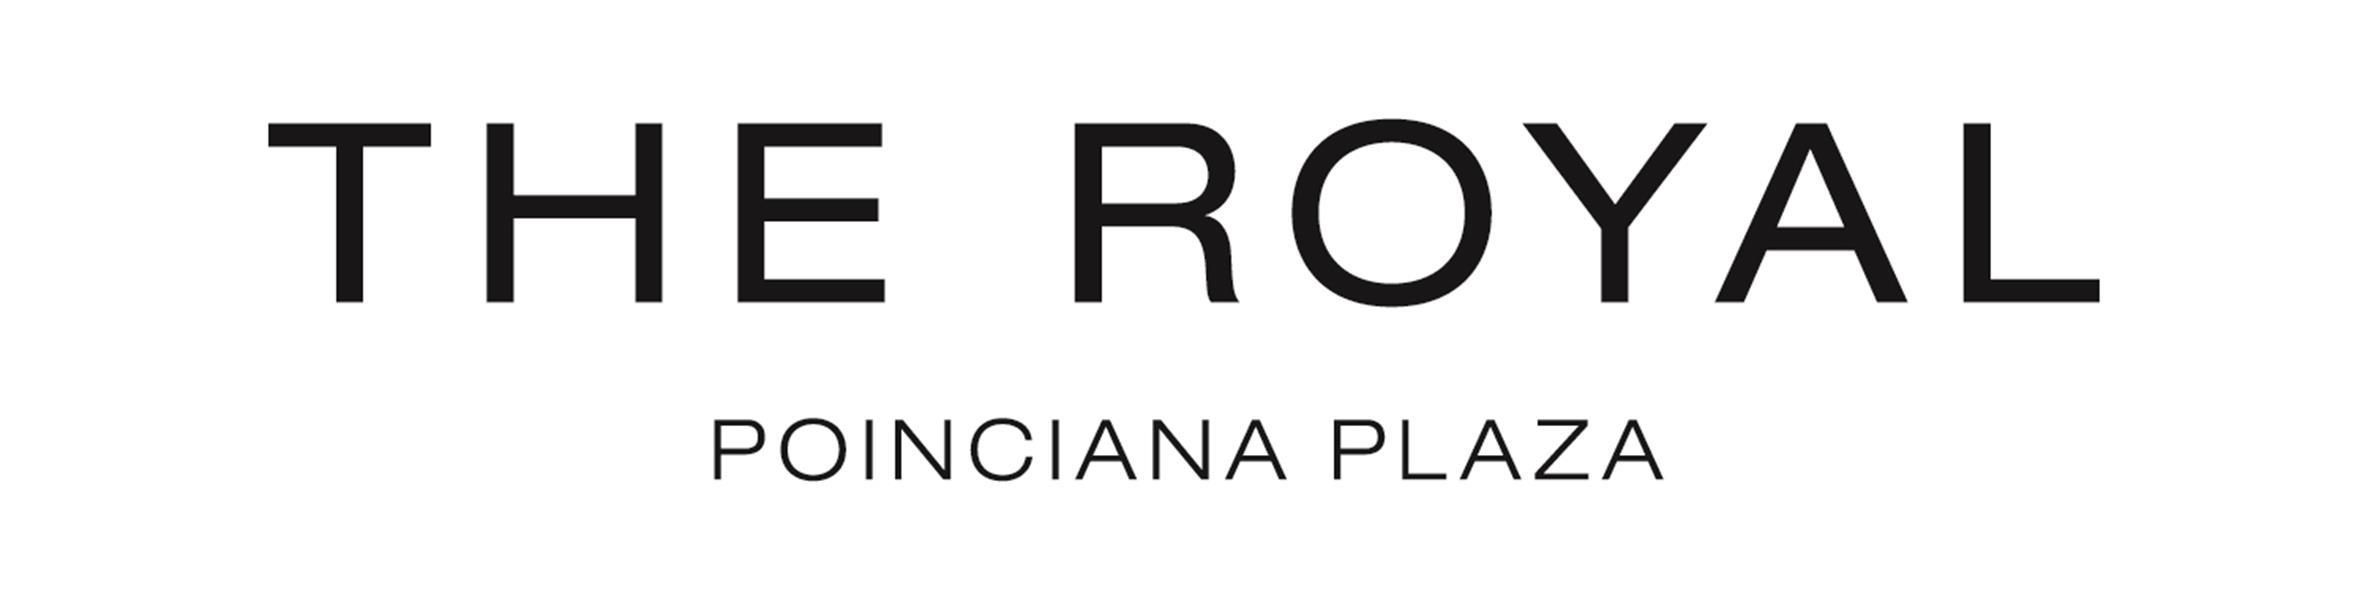 The Royal Poinciana Plaza